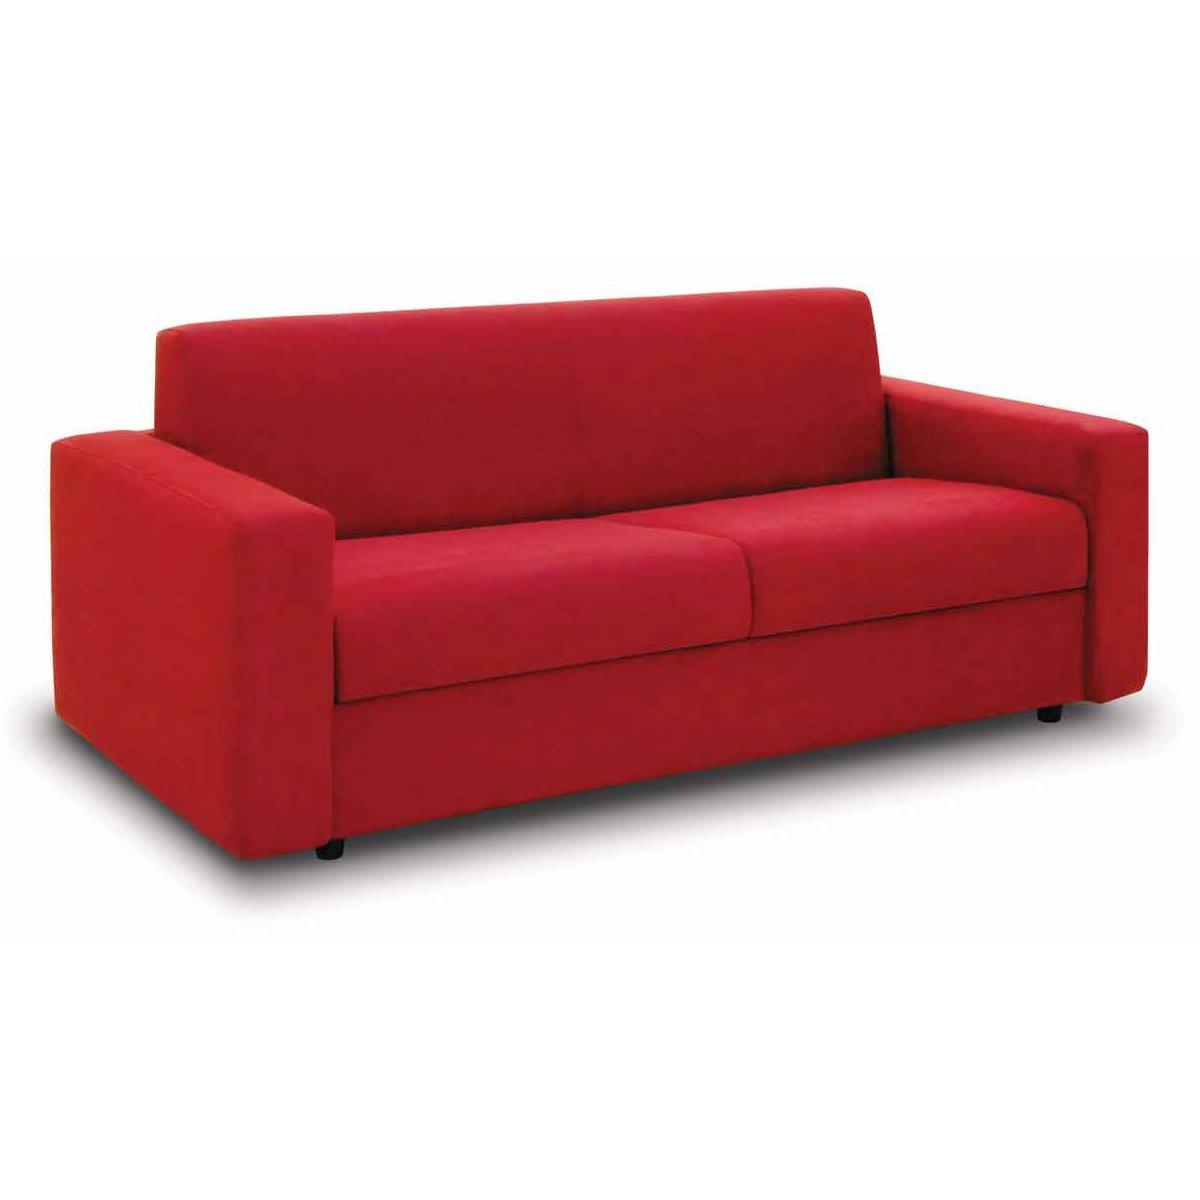 Canape convertible republique meubles et atmosphere for Canapé convertible couchage quotidien avec tapis d entrée original